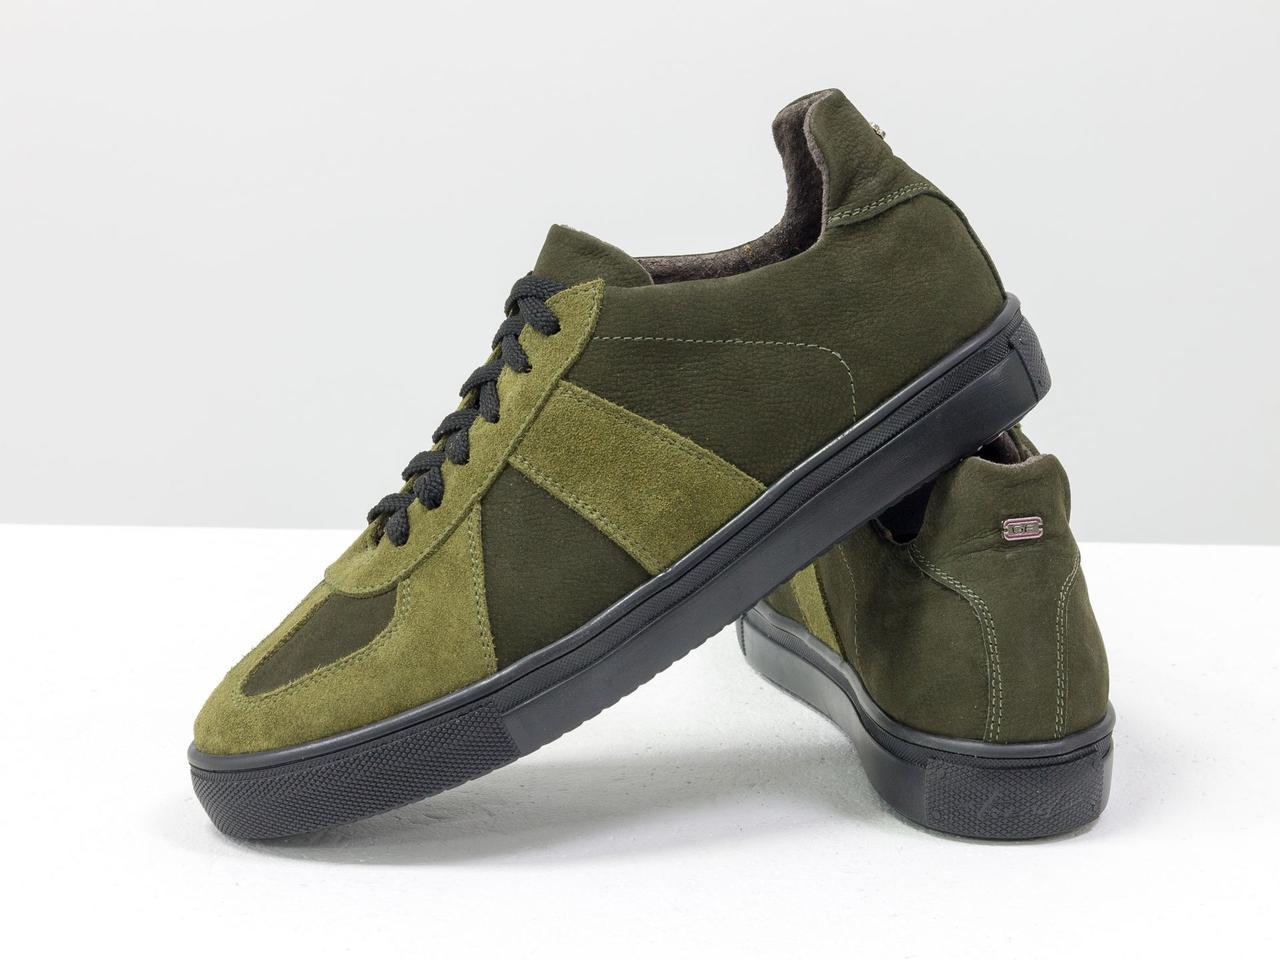 Стильные кроссовки из натуральной замши и матовой кожи оливкового и болотного цвета 41 - фото 6